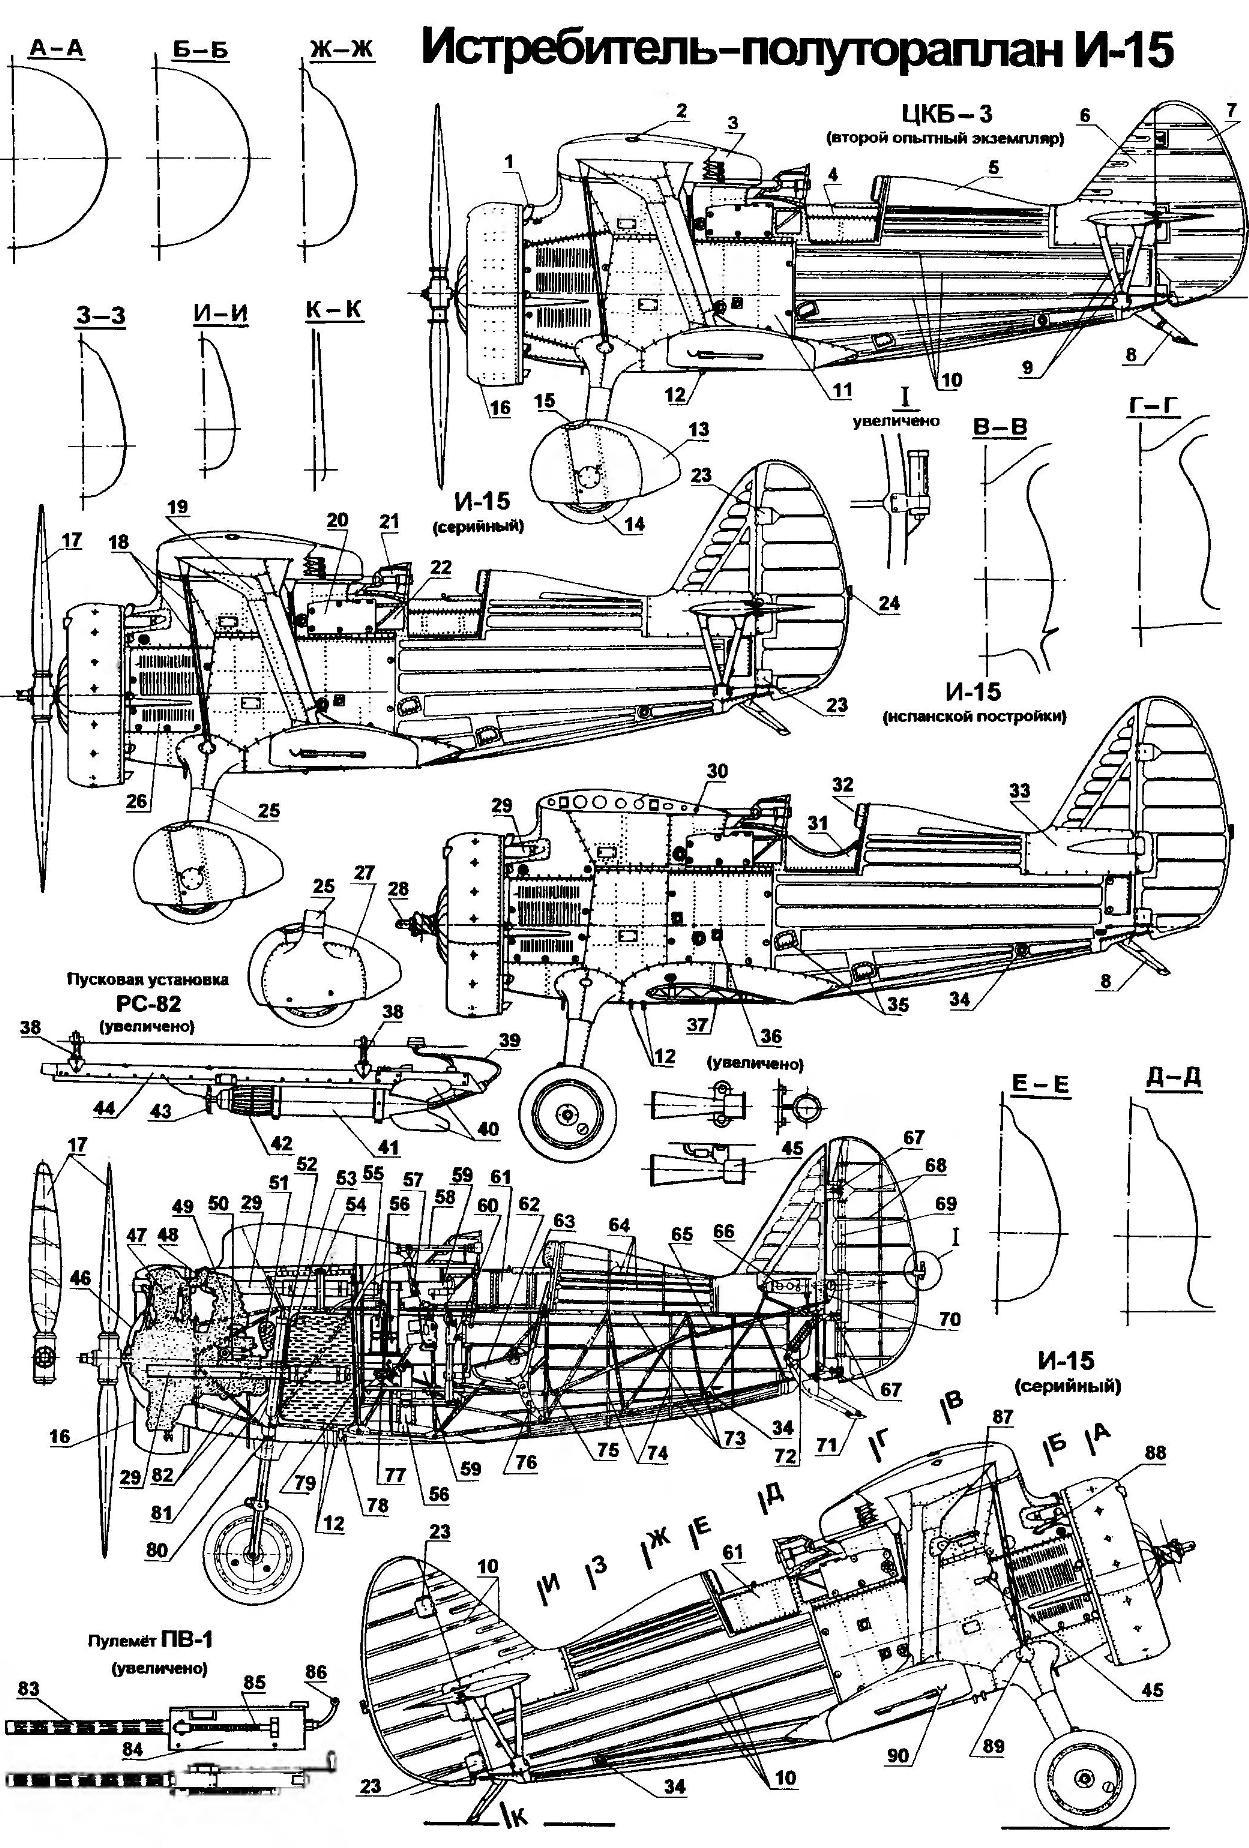 Fighter-polutoraplan I-15 construction.N. Polikarpov